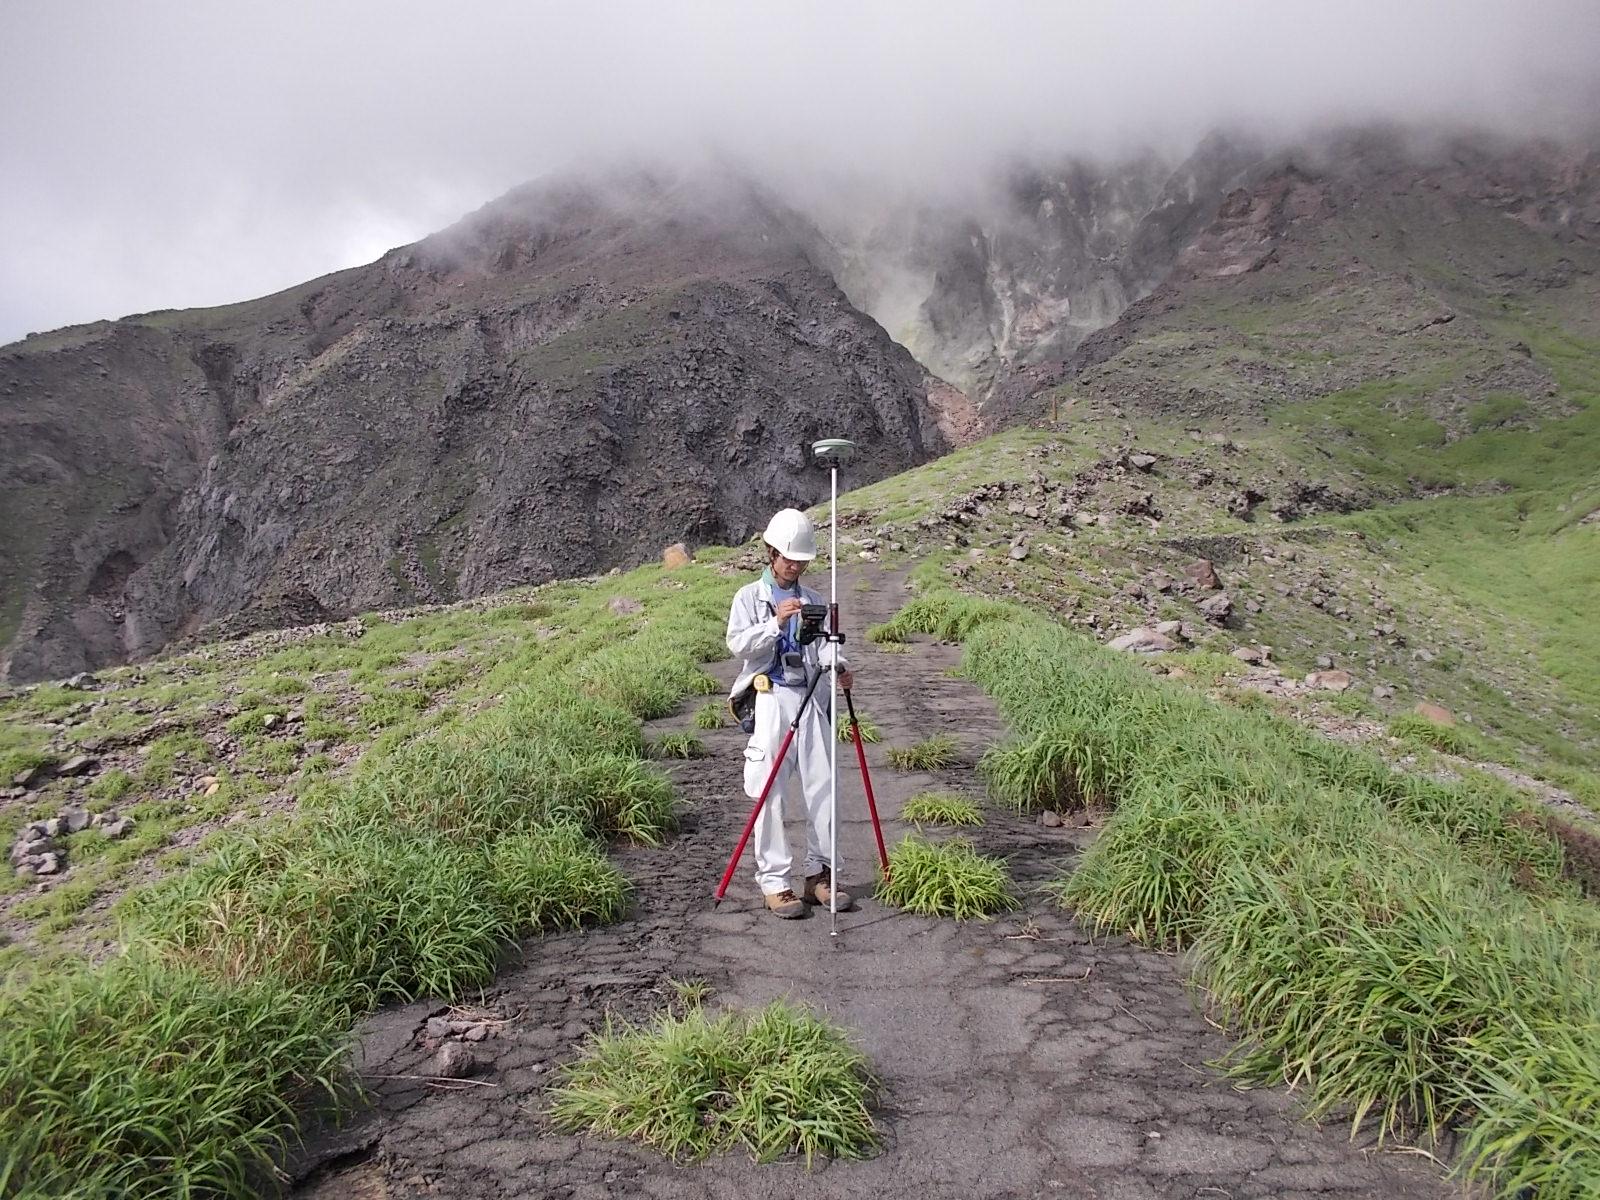 47火山観測整備に伴う用地測量業務(福岡管区)のイメージ画像